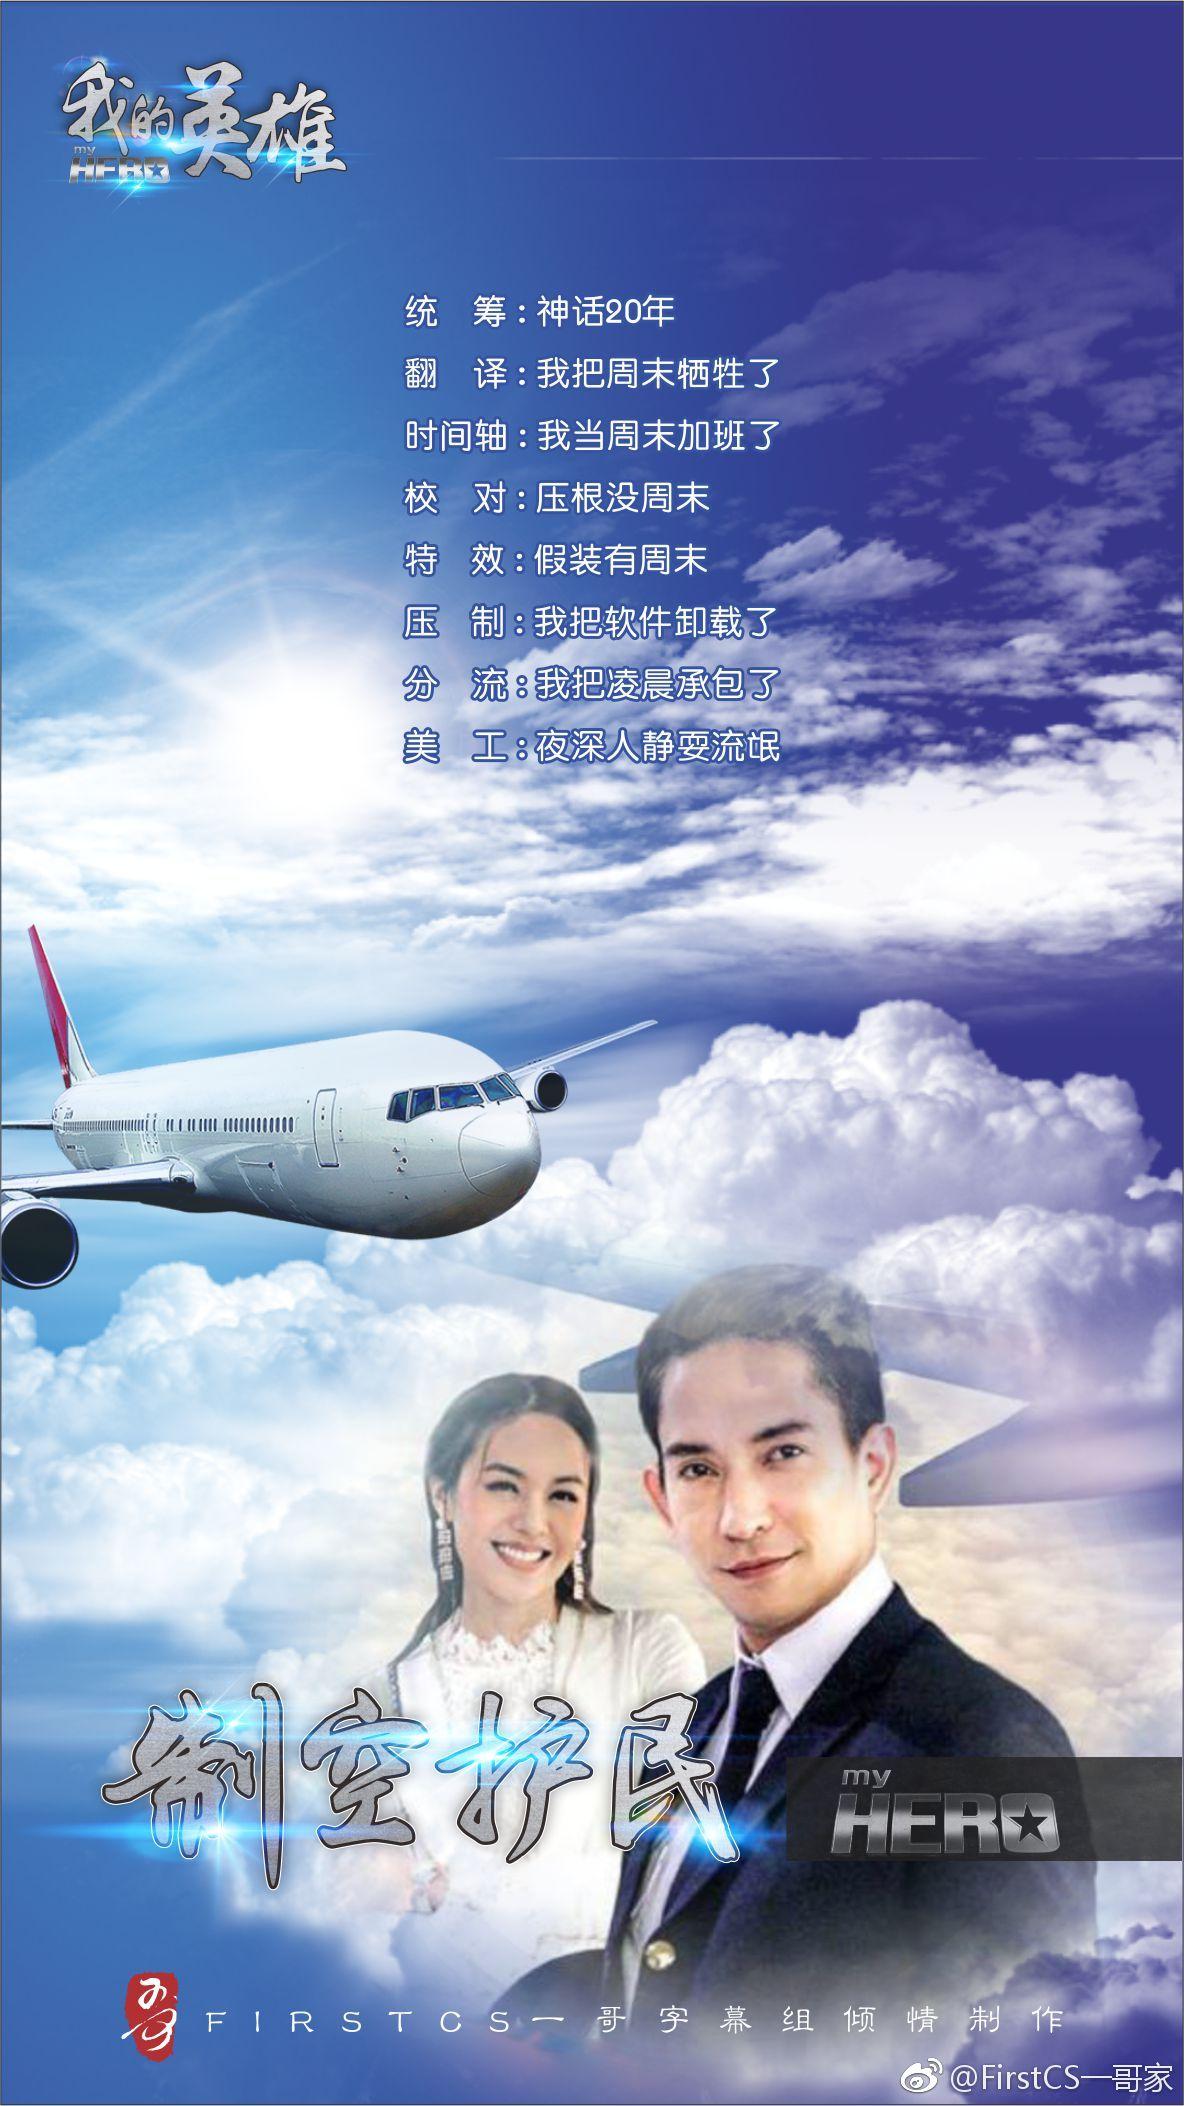 《亲爱的英雄之制空护民》的剧照3